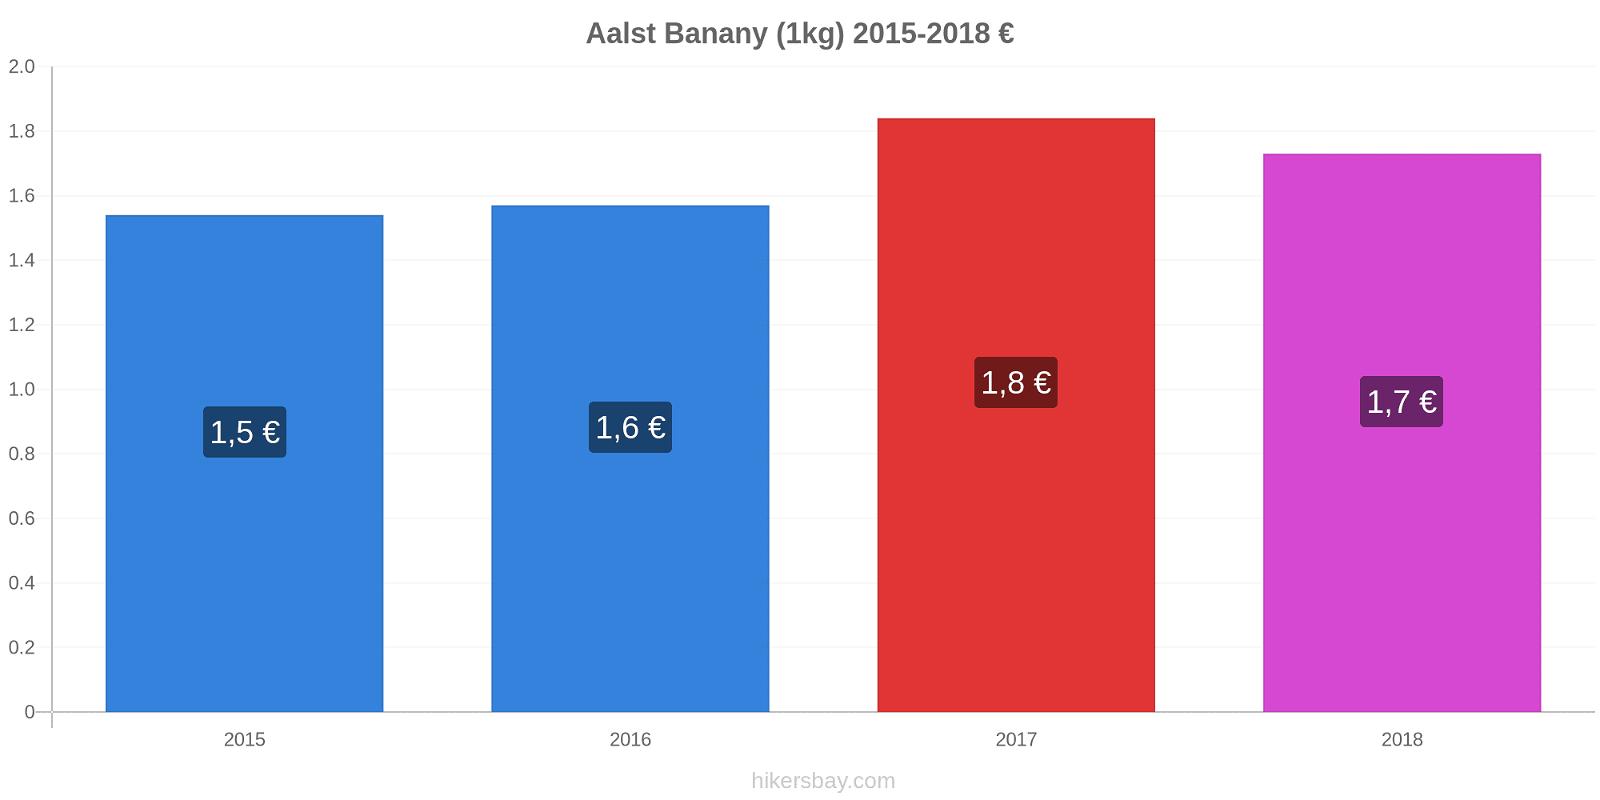 Aalst zmiany cen Banany (1kg) hikersbay.com